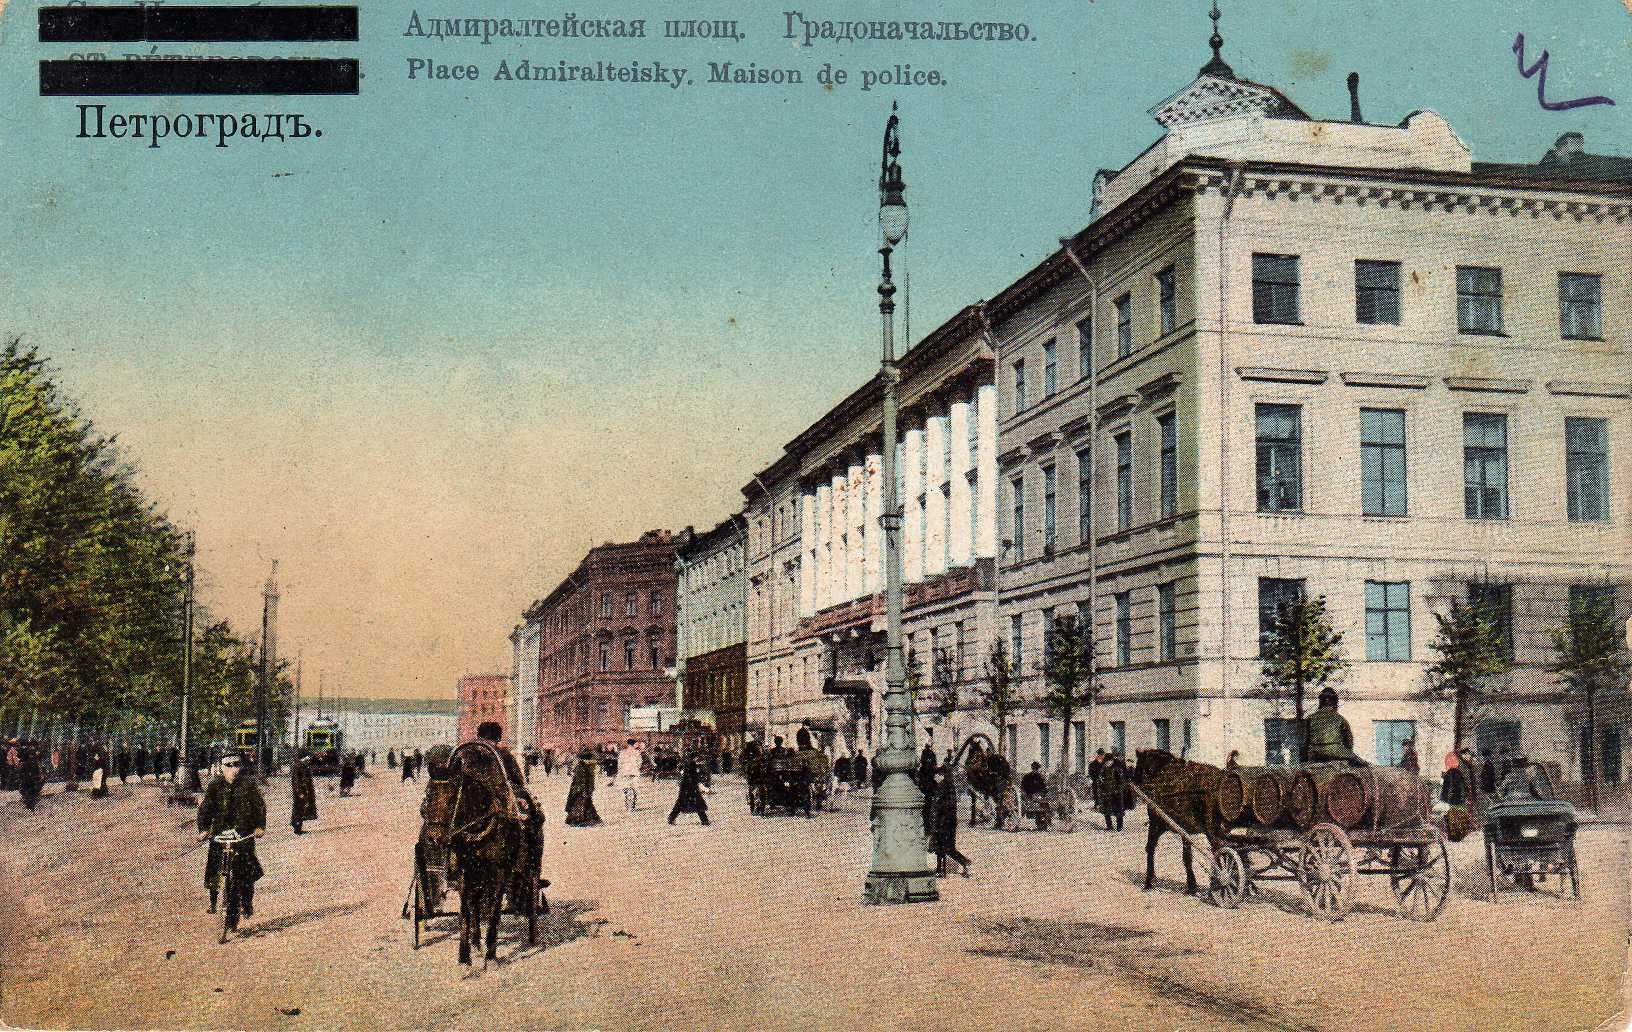 Адмиралтейская площадь. Градоначальство